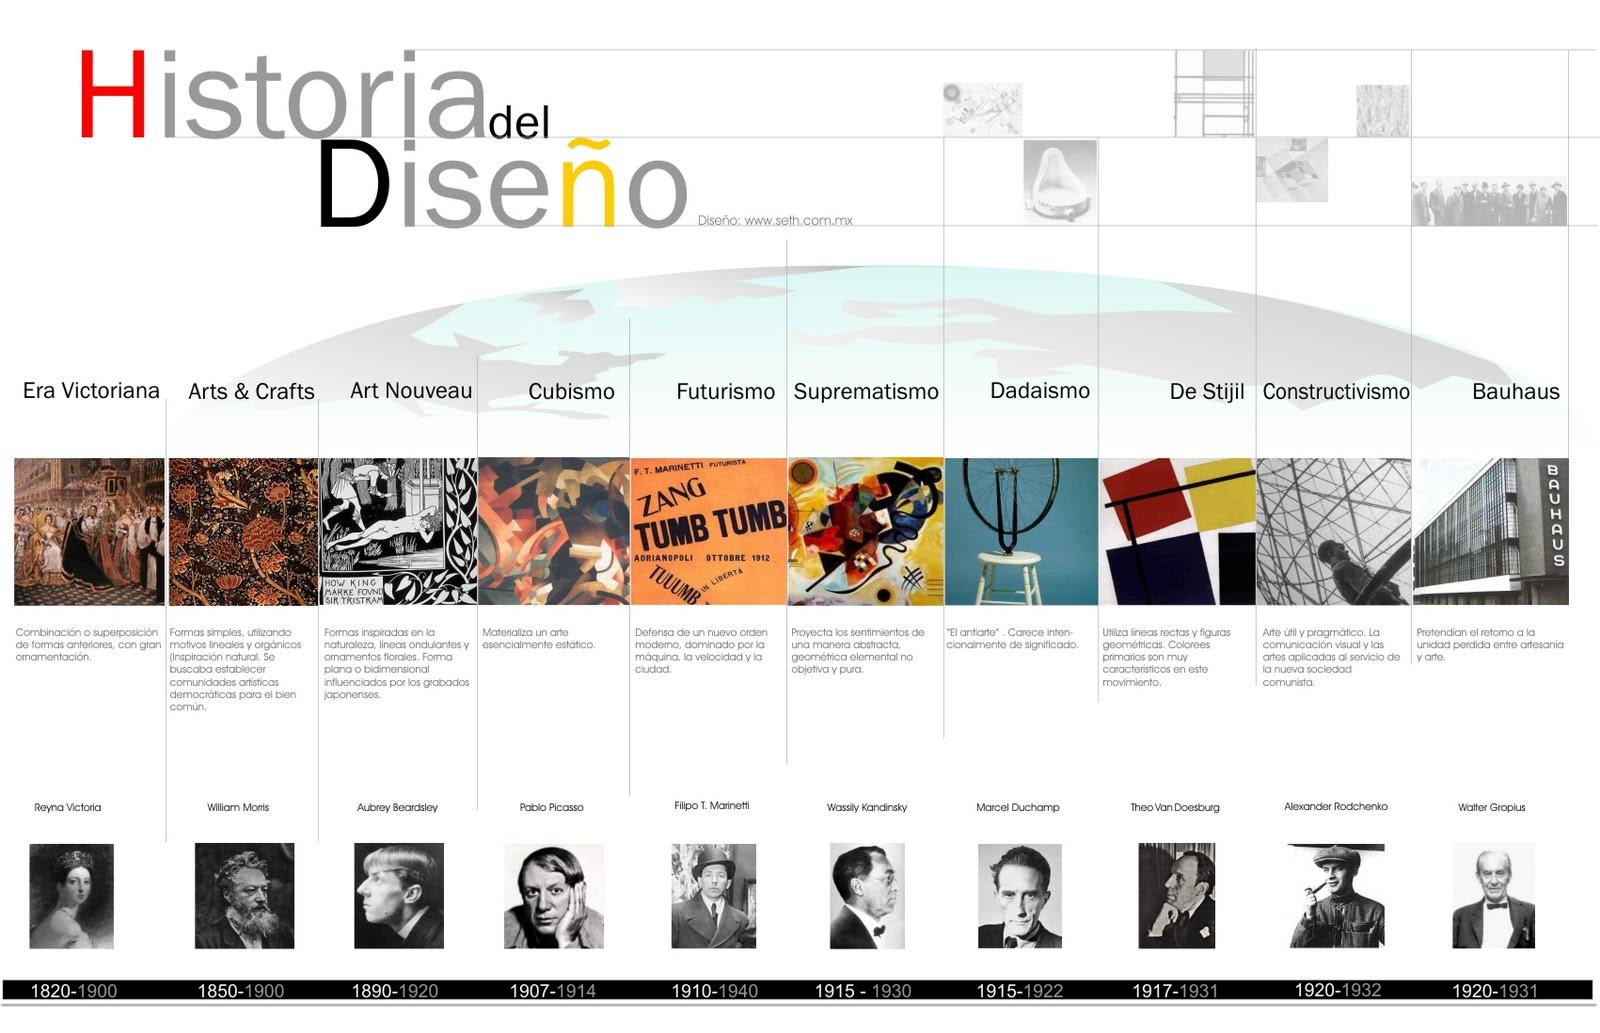 historia_del_diseno_time_line